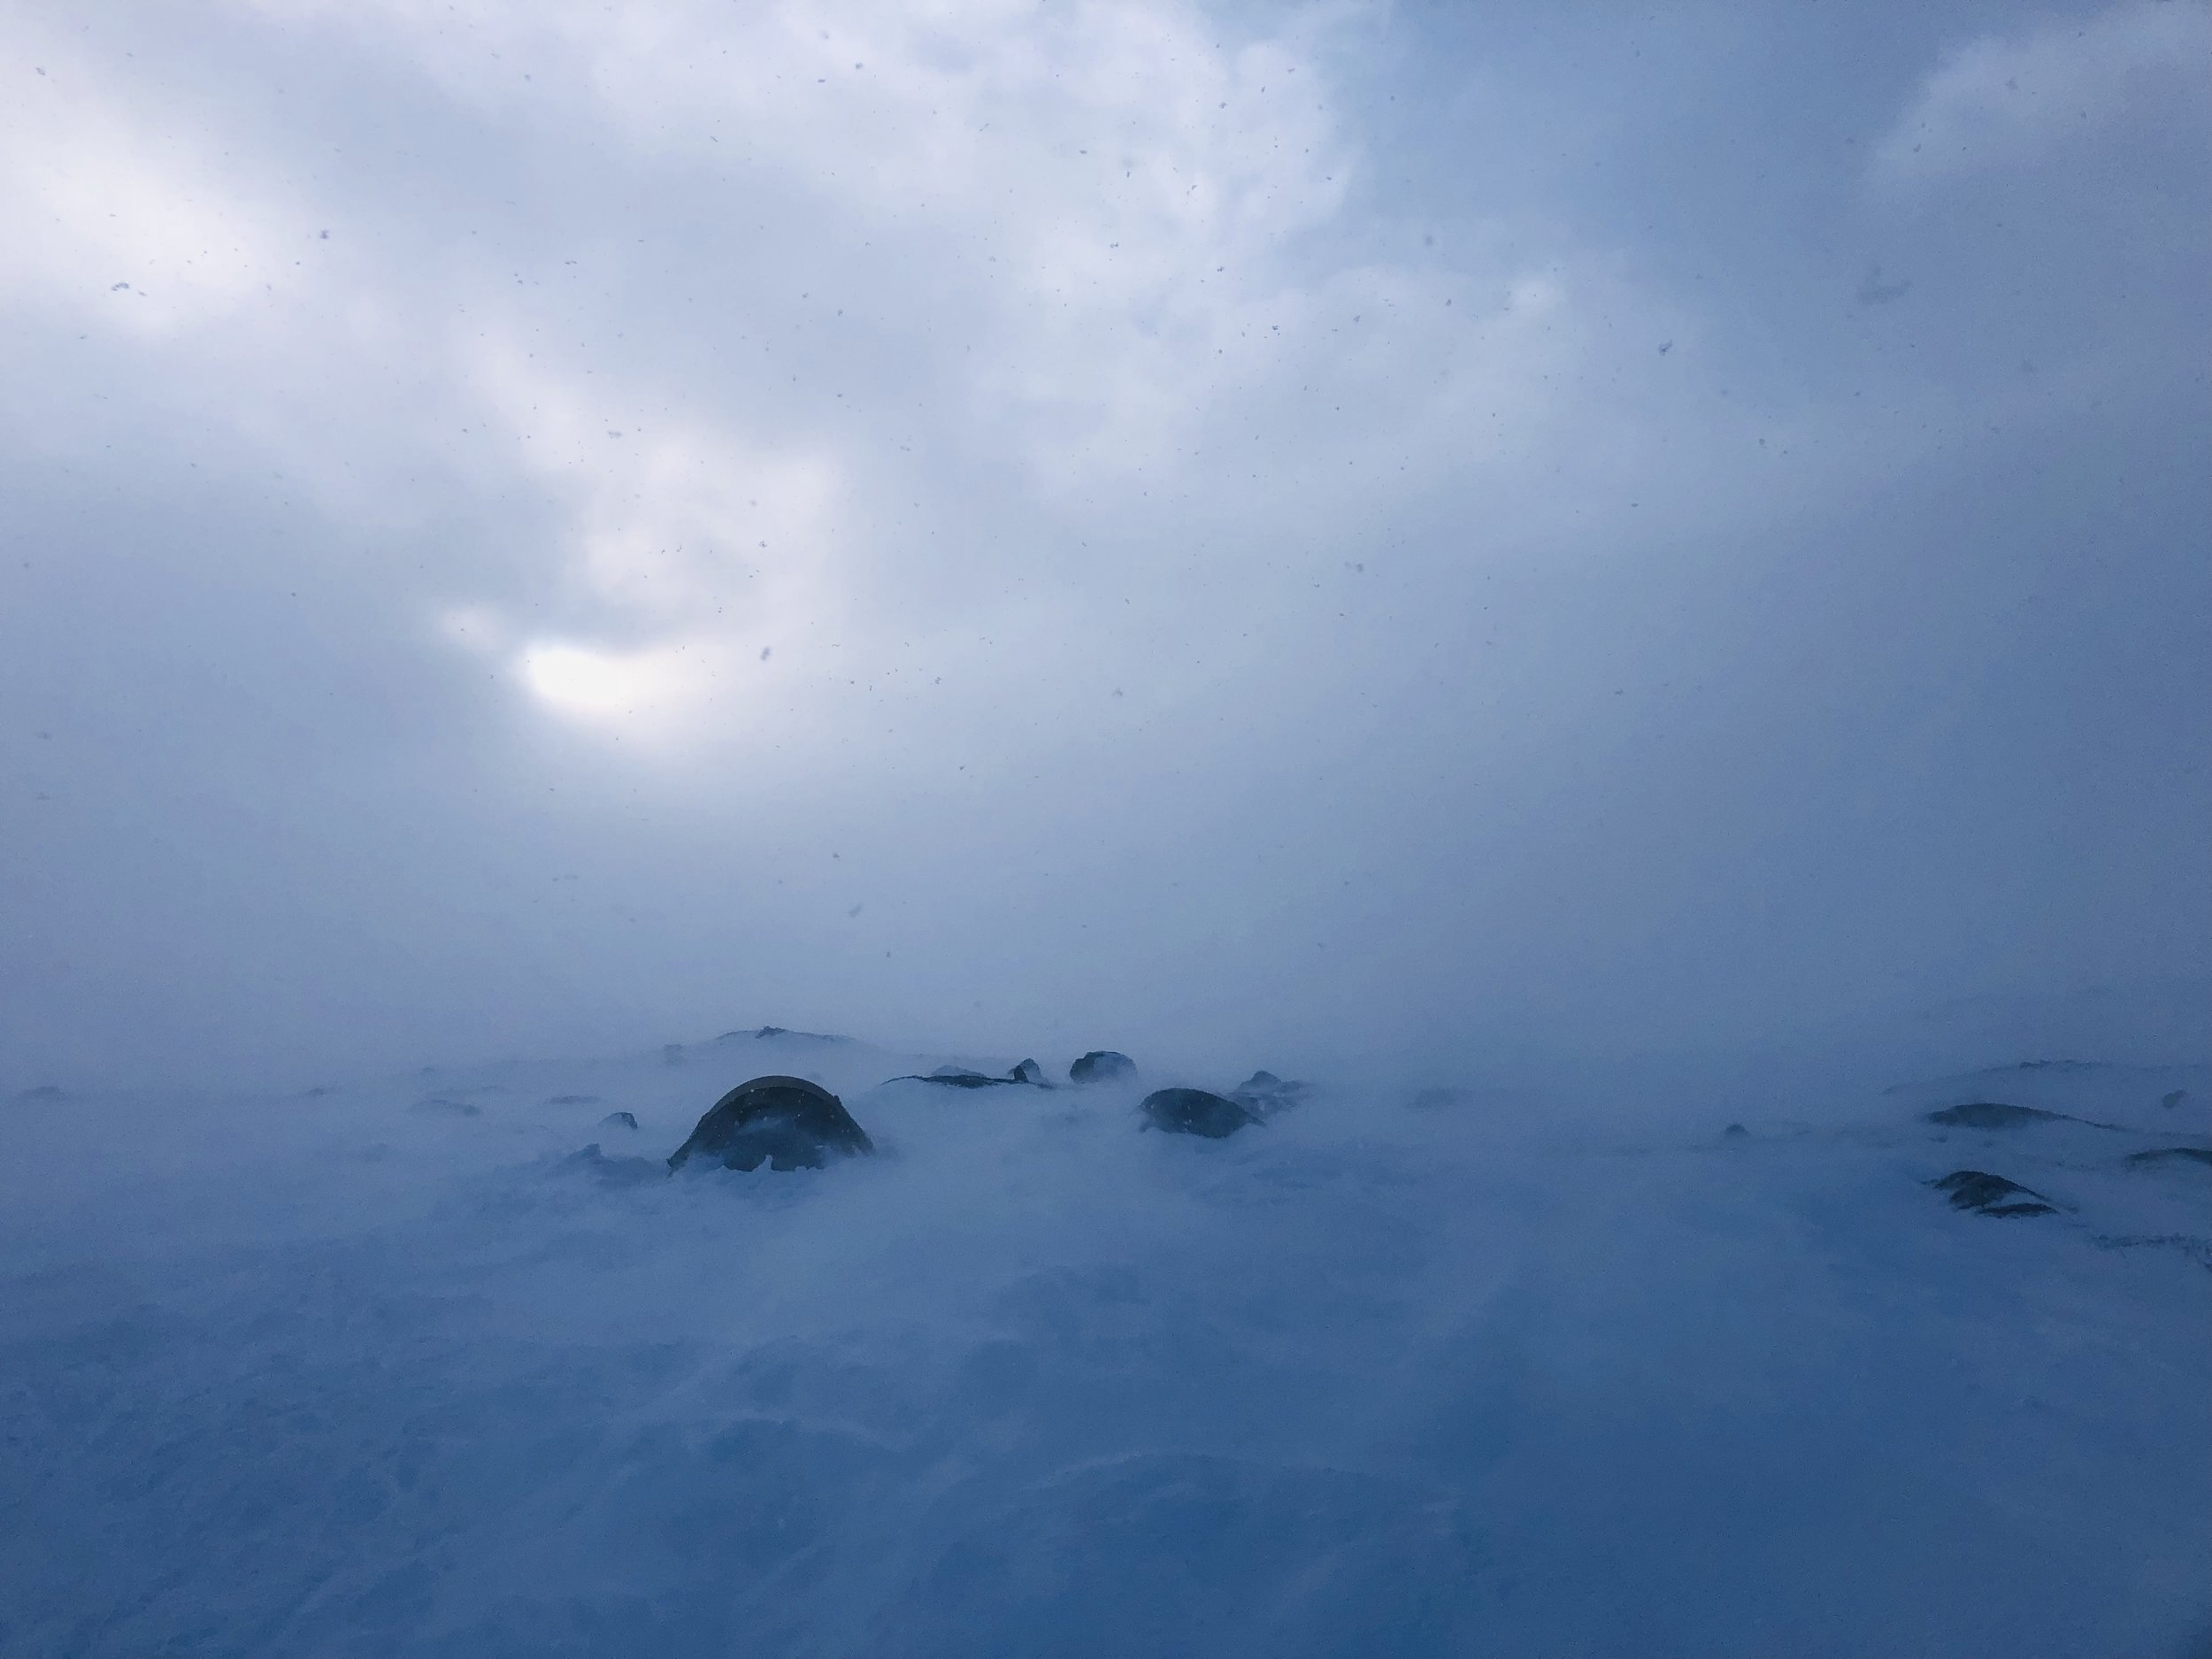 Fire dager på Hemmeligvann - Isfiske på Hardangervidda i stiv kuling er ingen spøk.